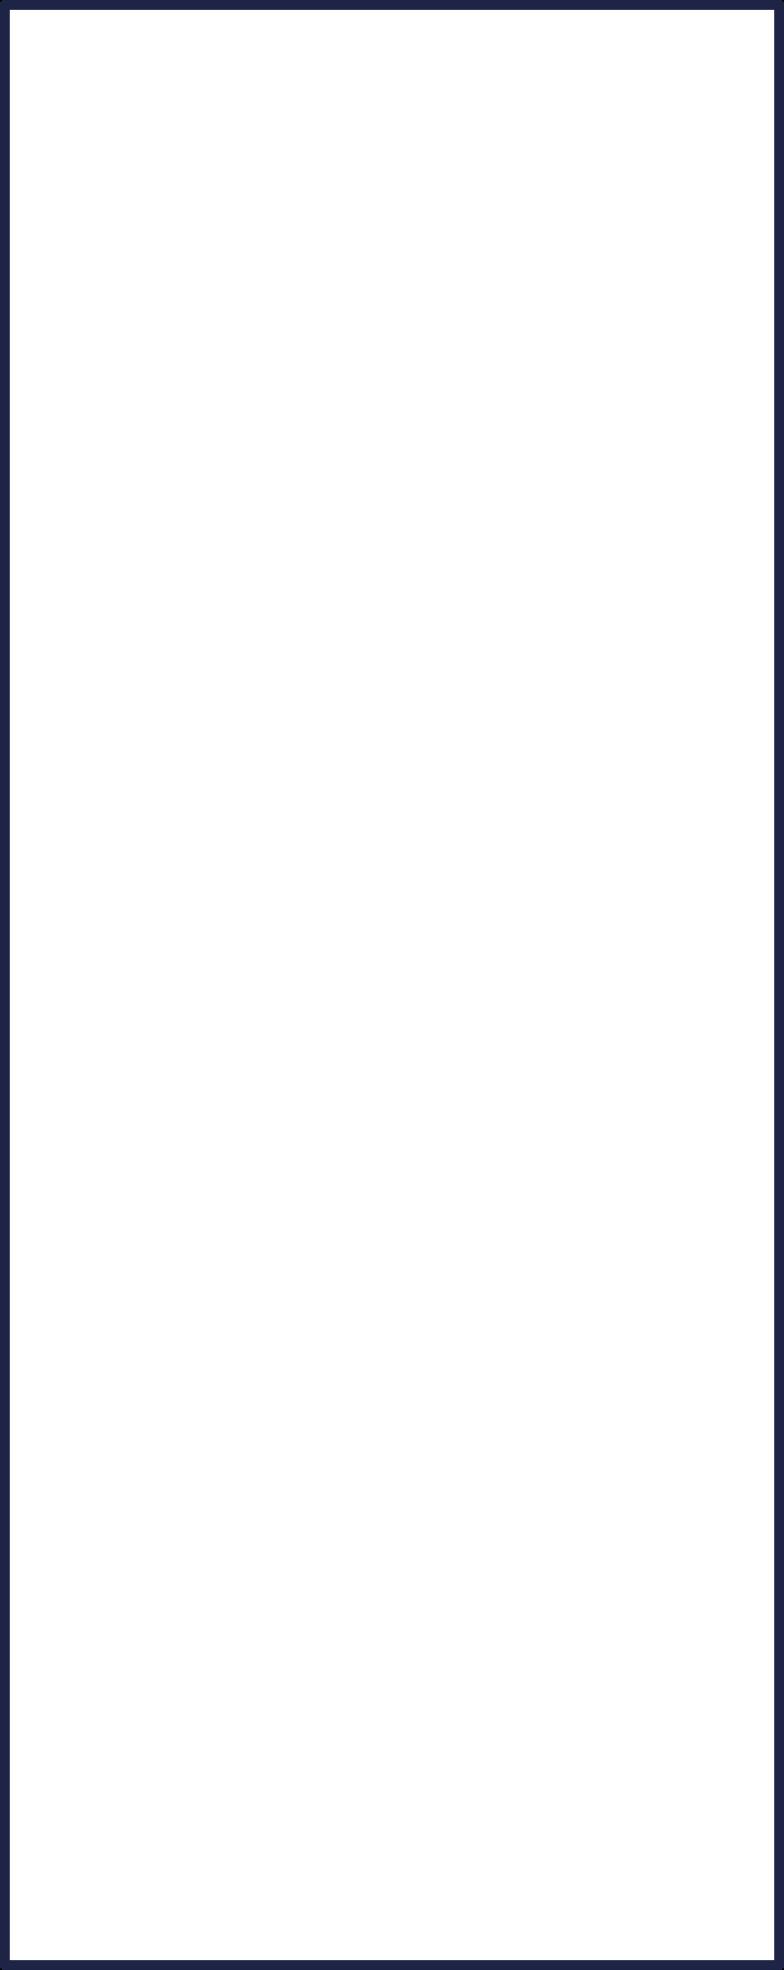 building 3 line Clipart illustration in PNG, SVG